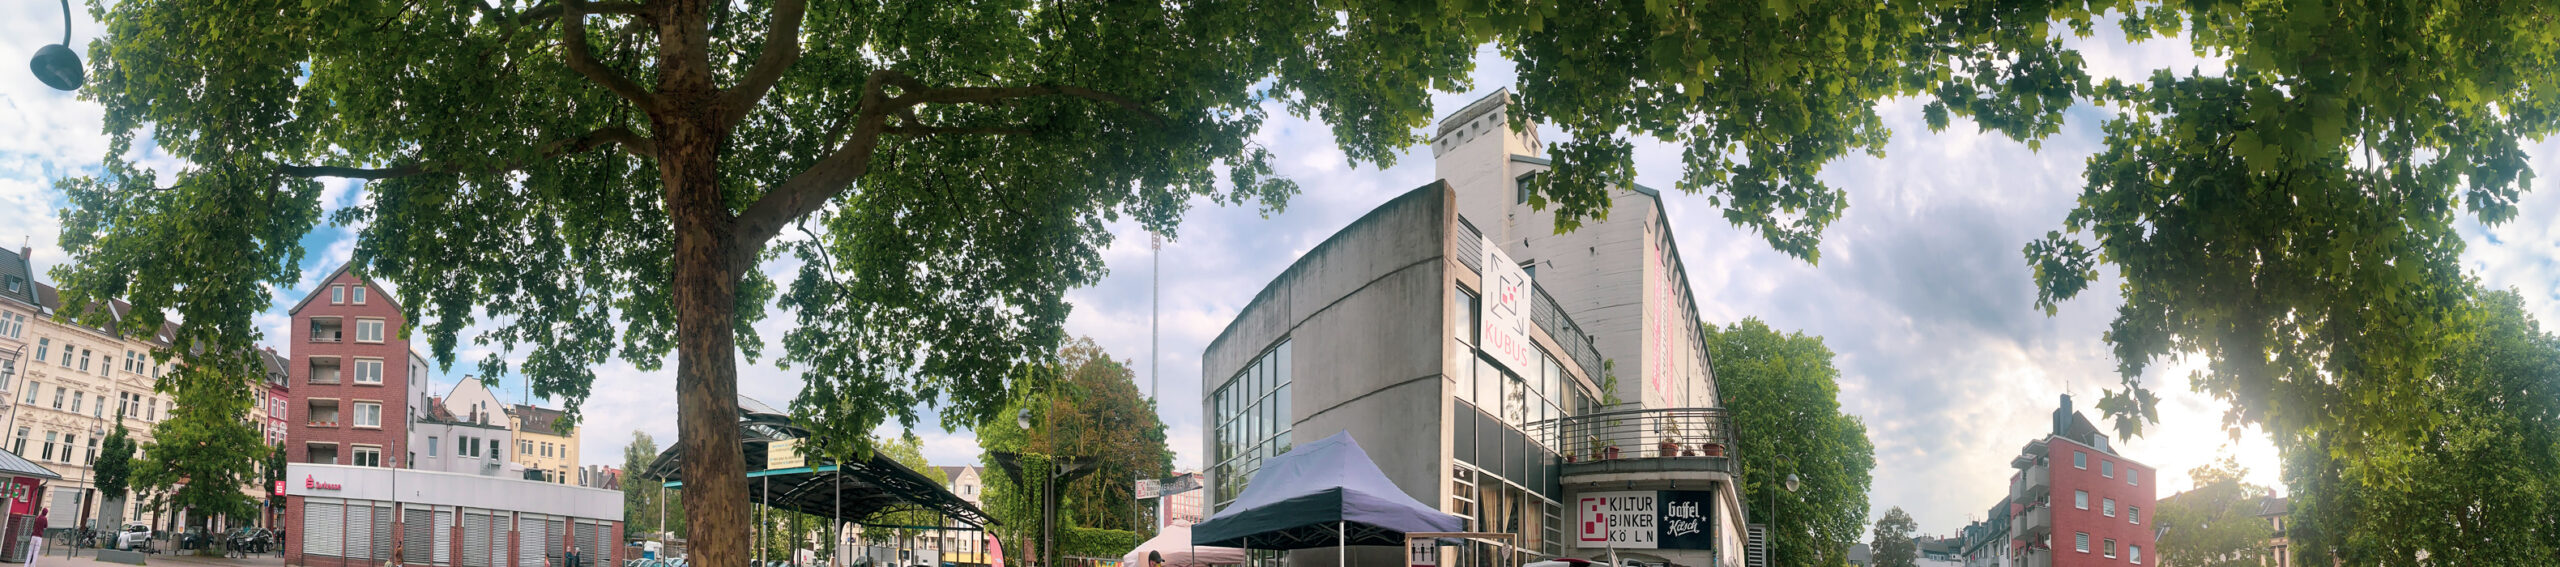 Kulturbunker Köln-Mülheim. Foto: Eva Rusch